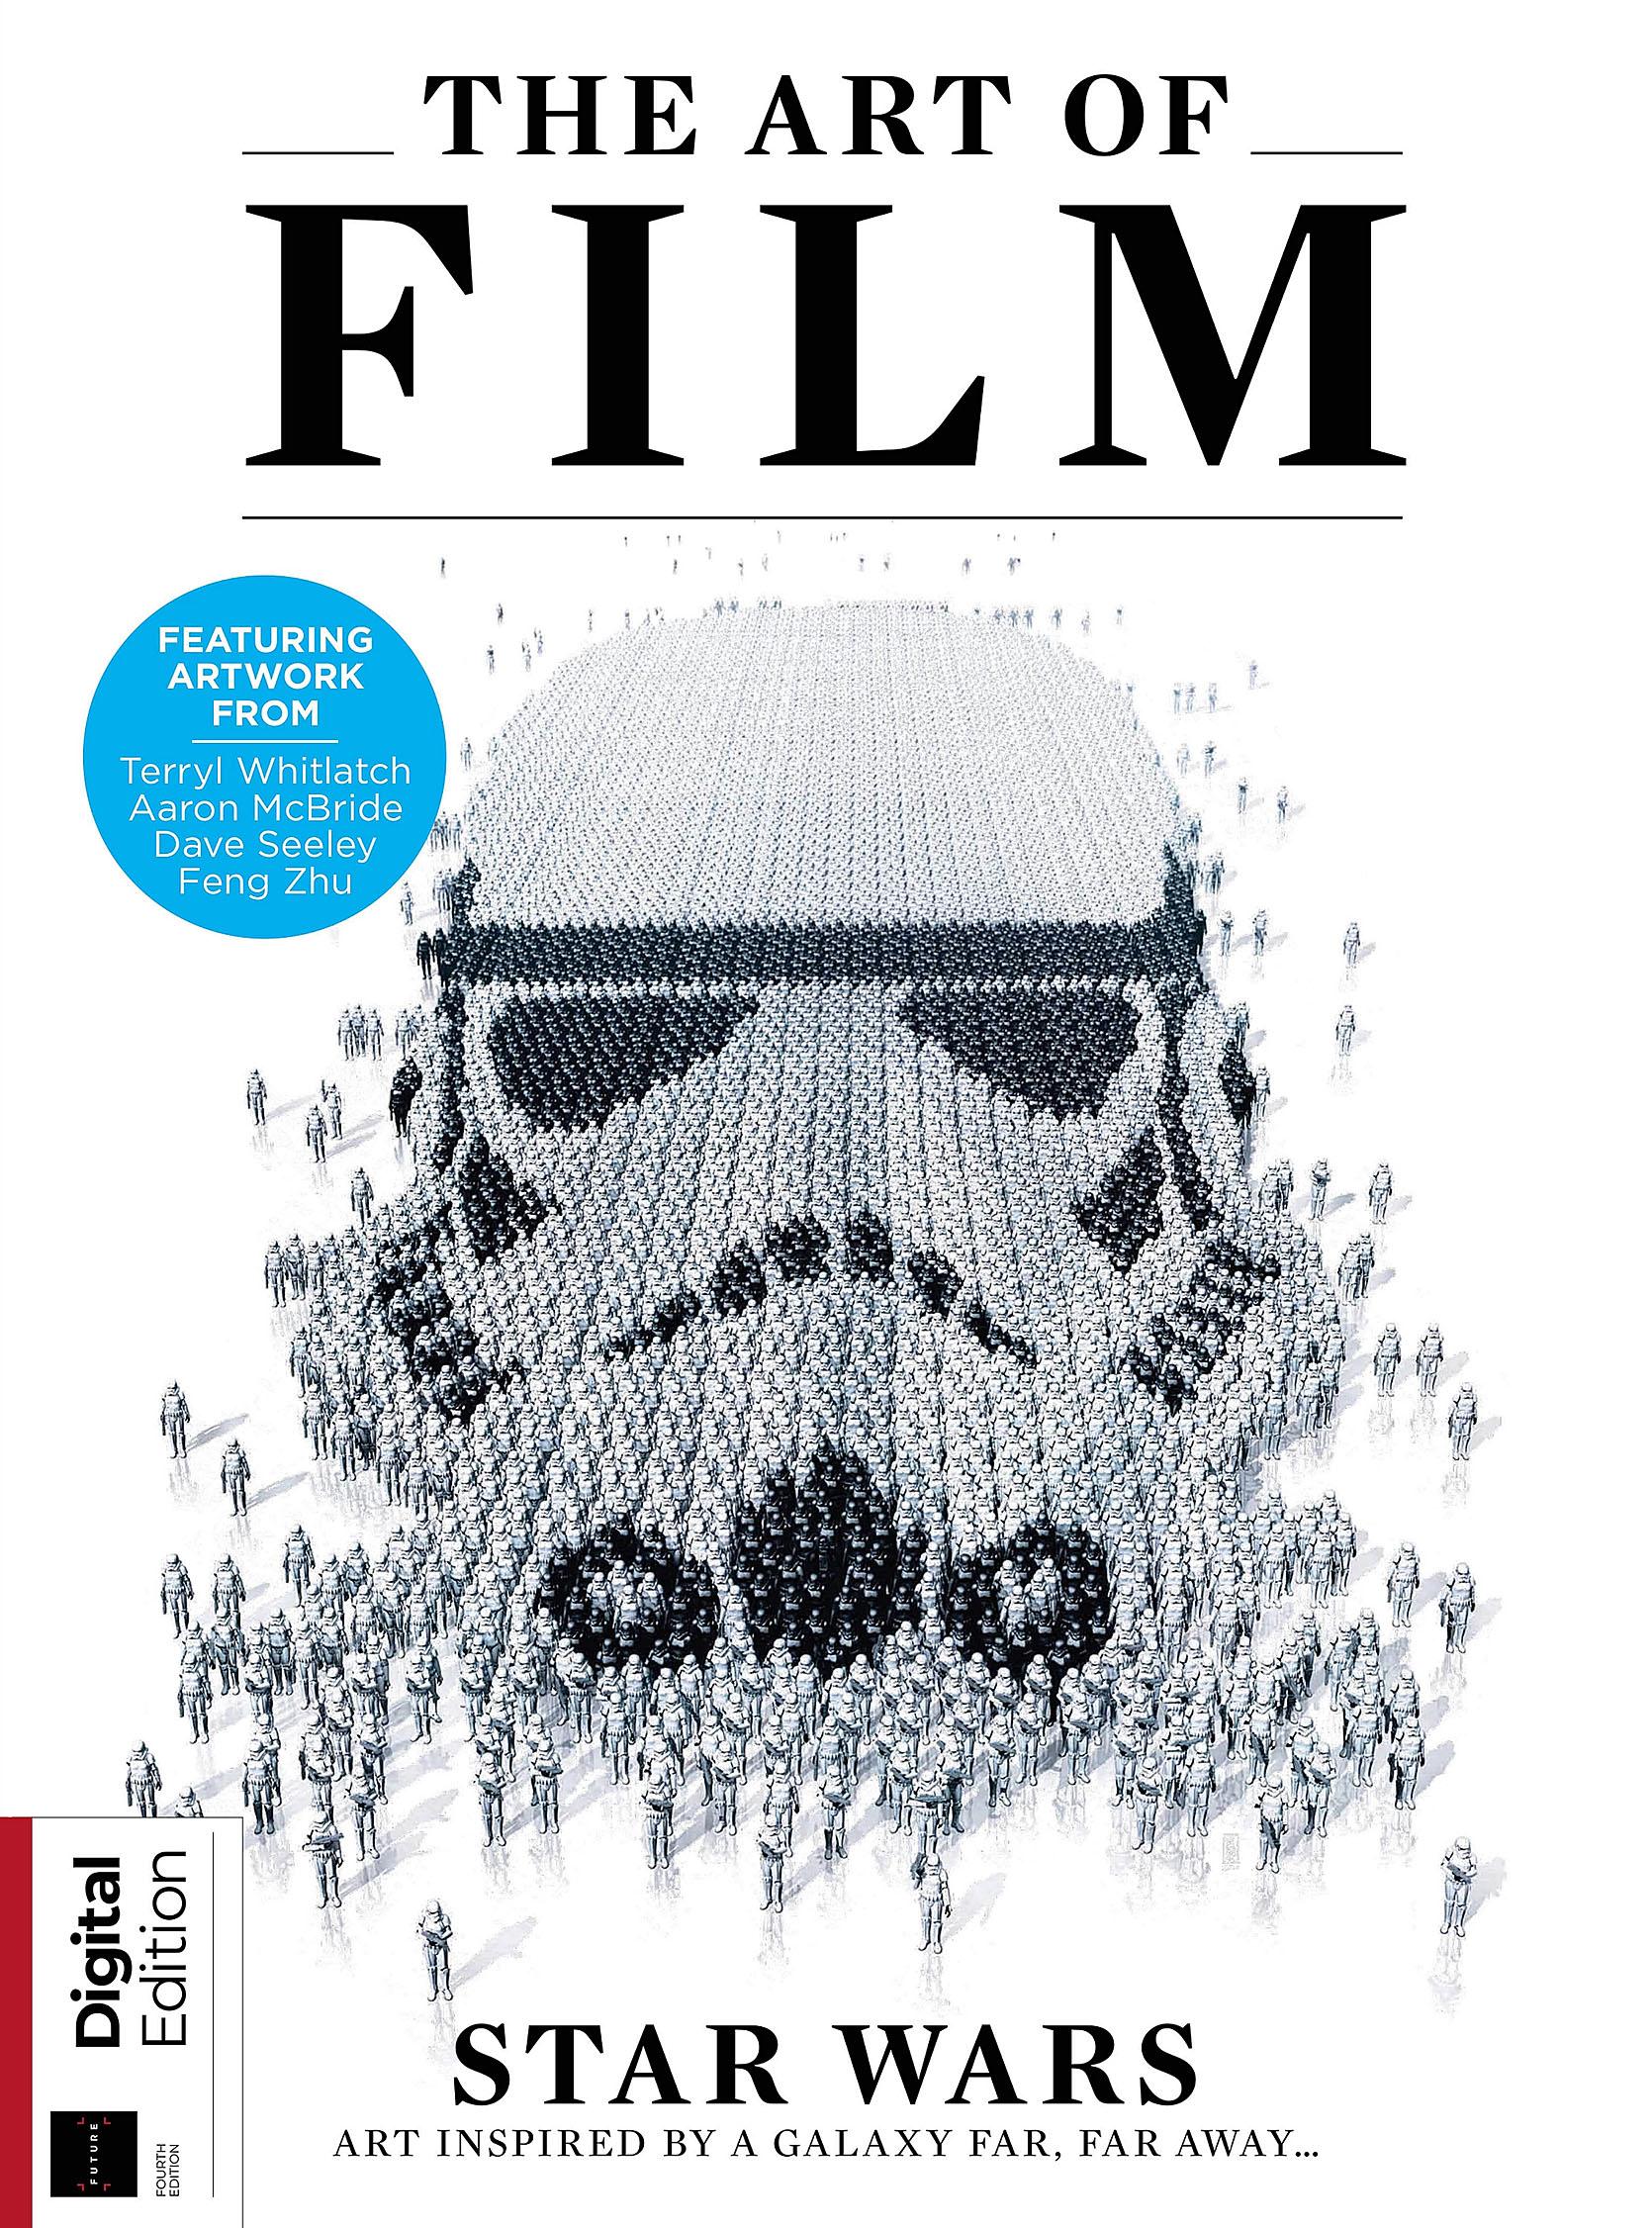 ImagineFX - Star Wars - The Art of Film001.jpg